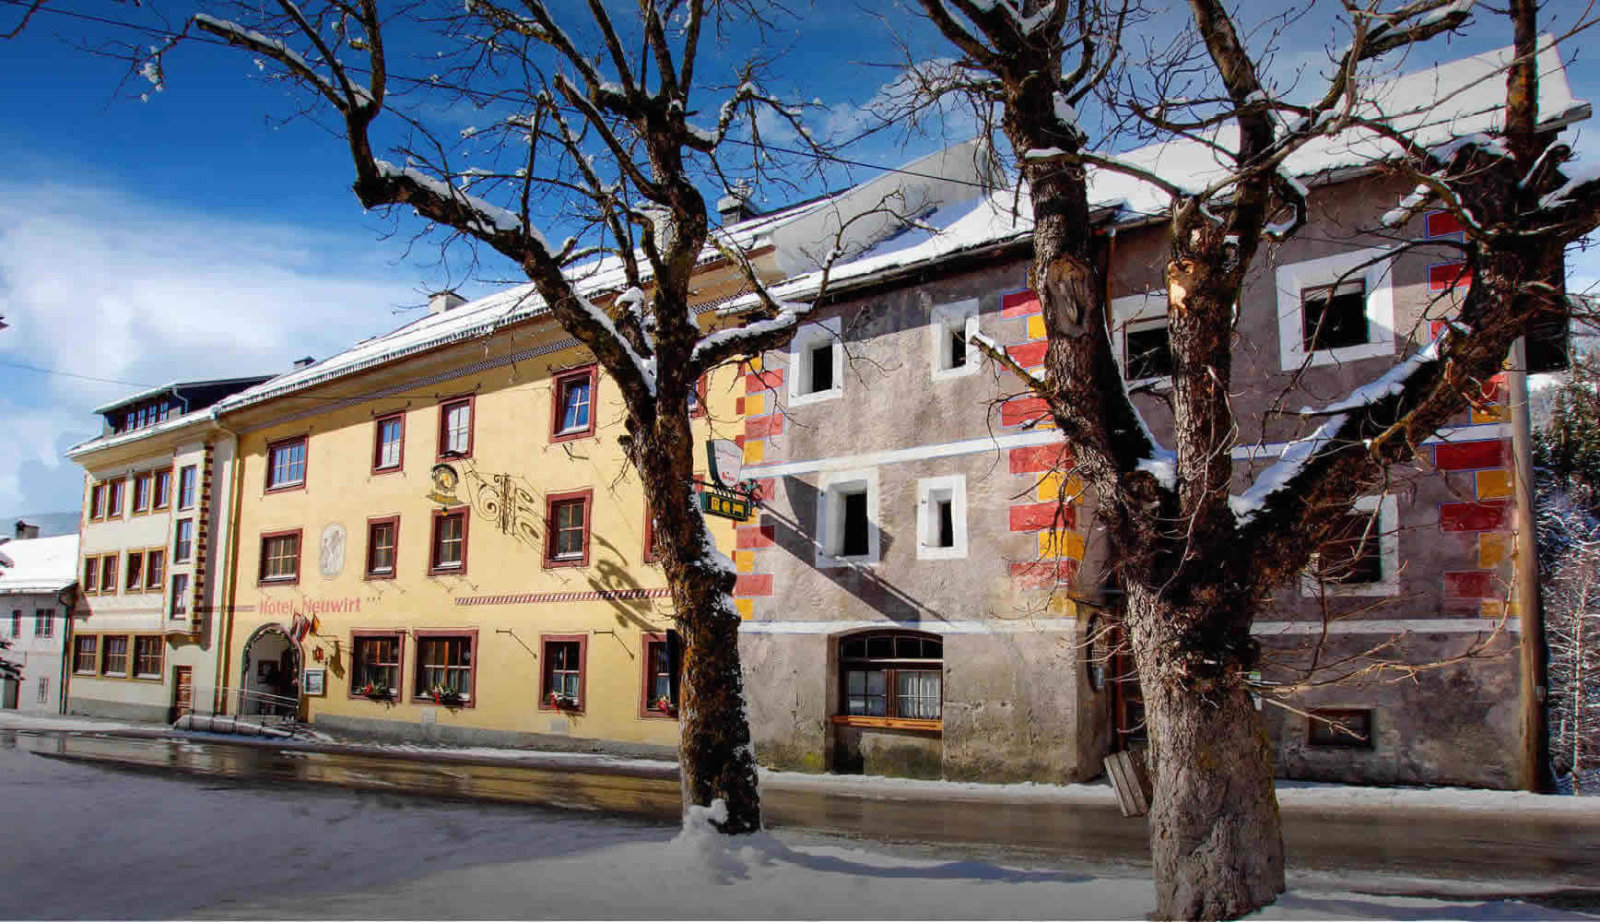 Hotel Neuwirt Mauterndorf - tradicionális szálloda a Lungau sírégió ... 71043be2b6